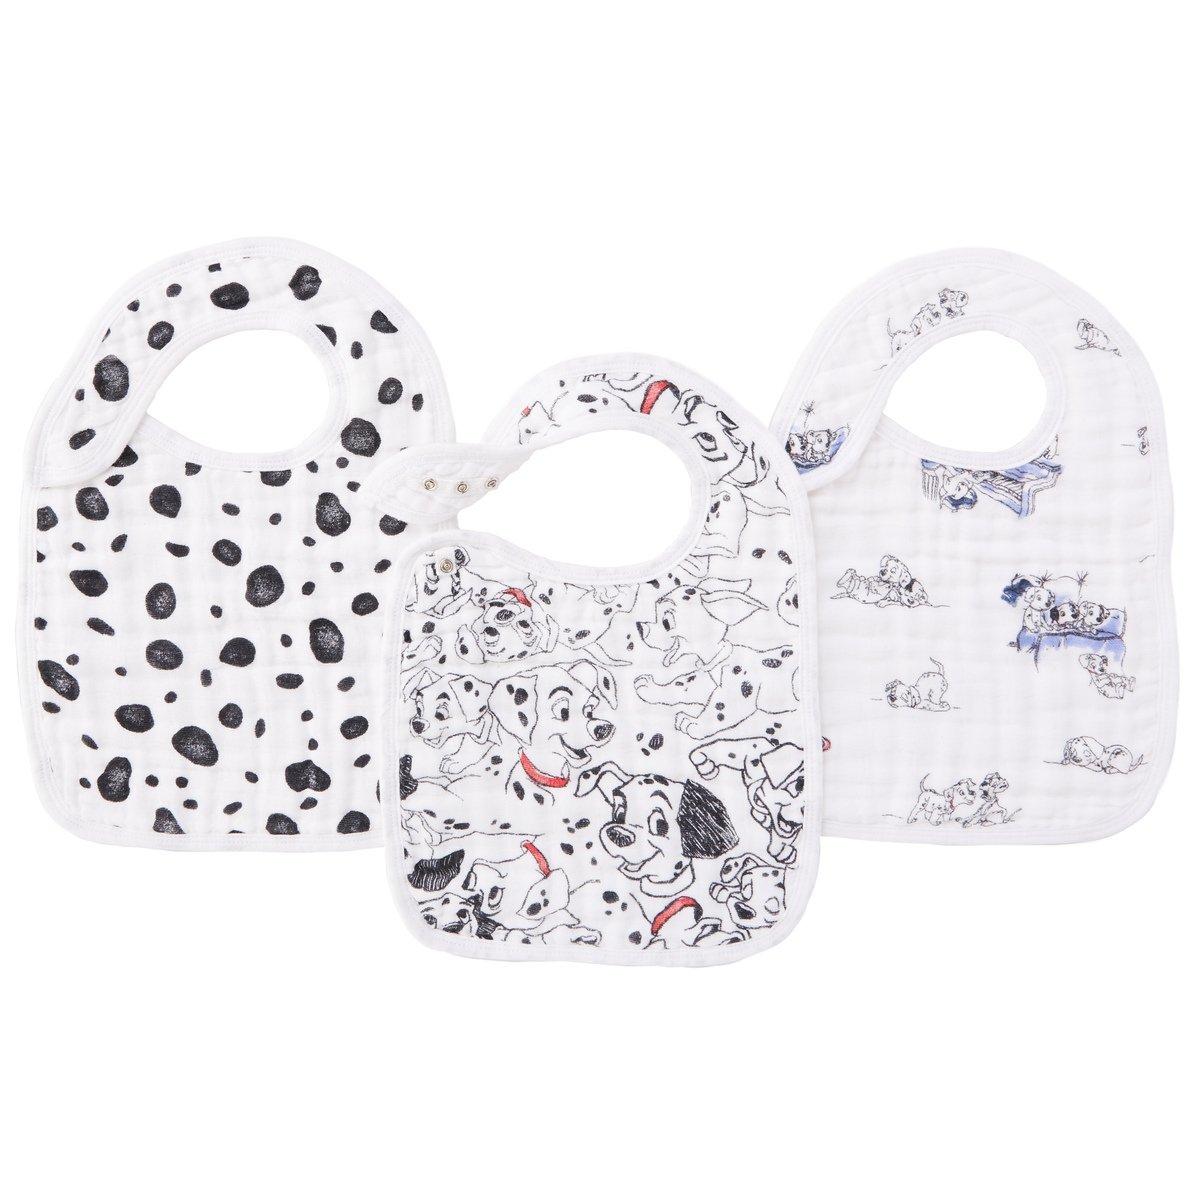 Aden Anais Disney Baby 101 Dalmatiner Lätzchen Mit Druckknöpfen Musselin Aus 100 Baumwolle 22cm X 30cm 3er Pack Baby